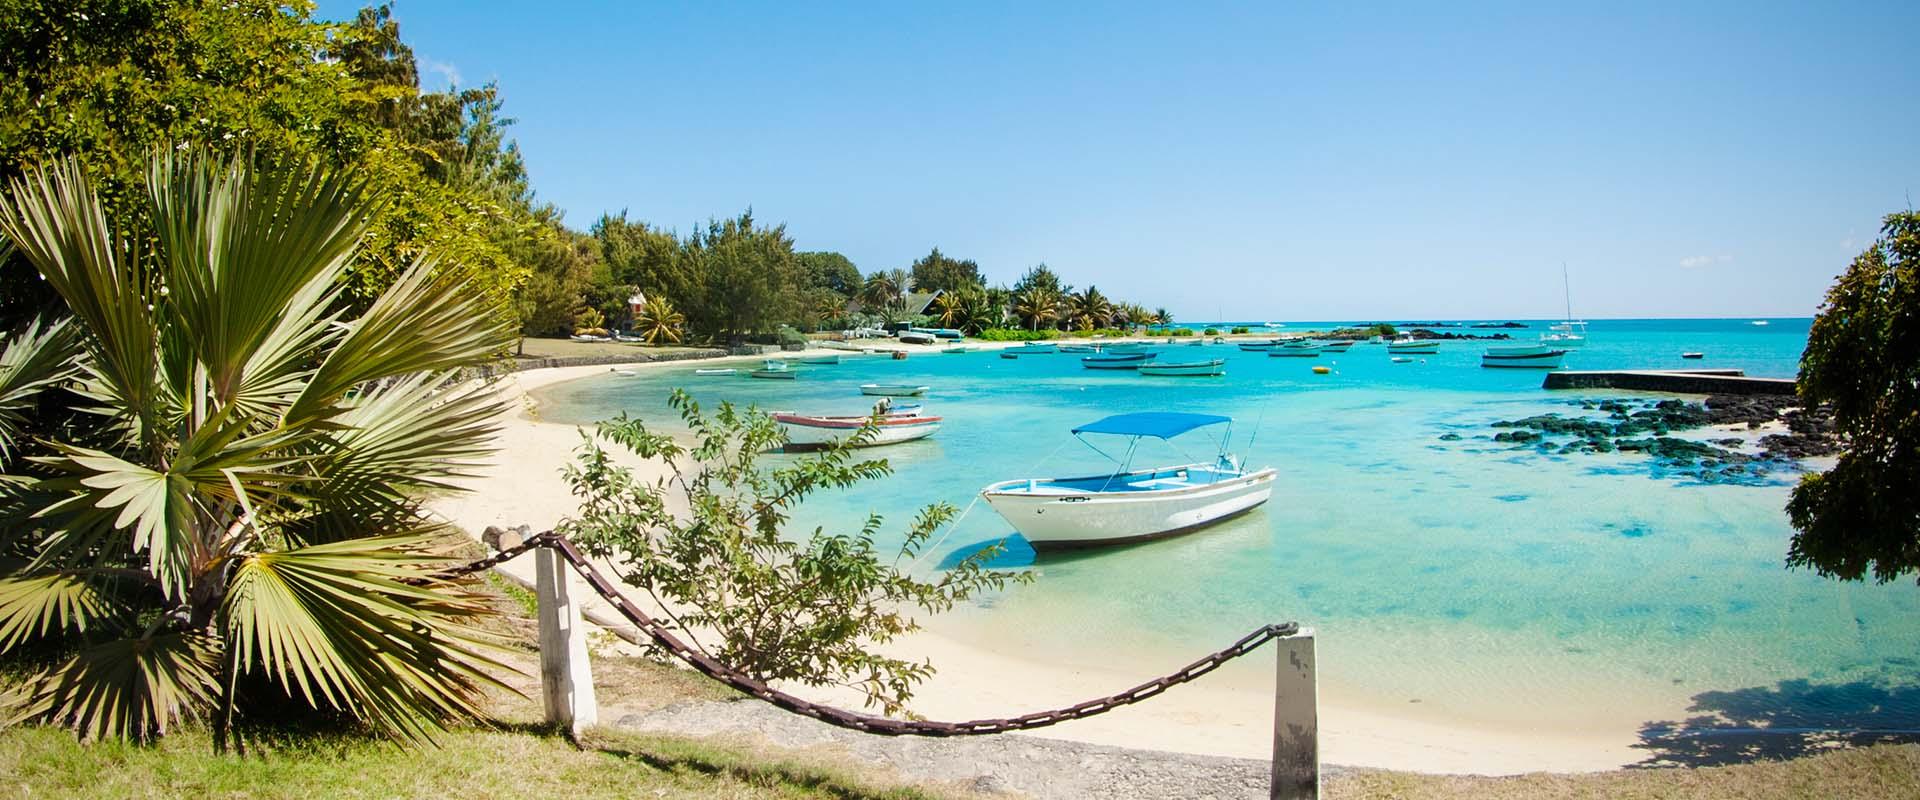 mauritius public holidays 2019 publicholidaysmu